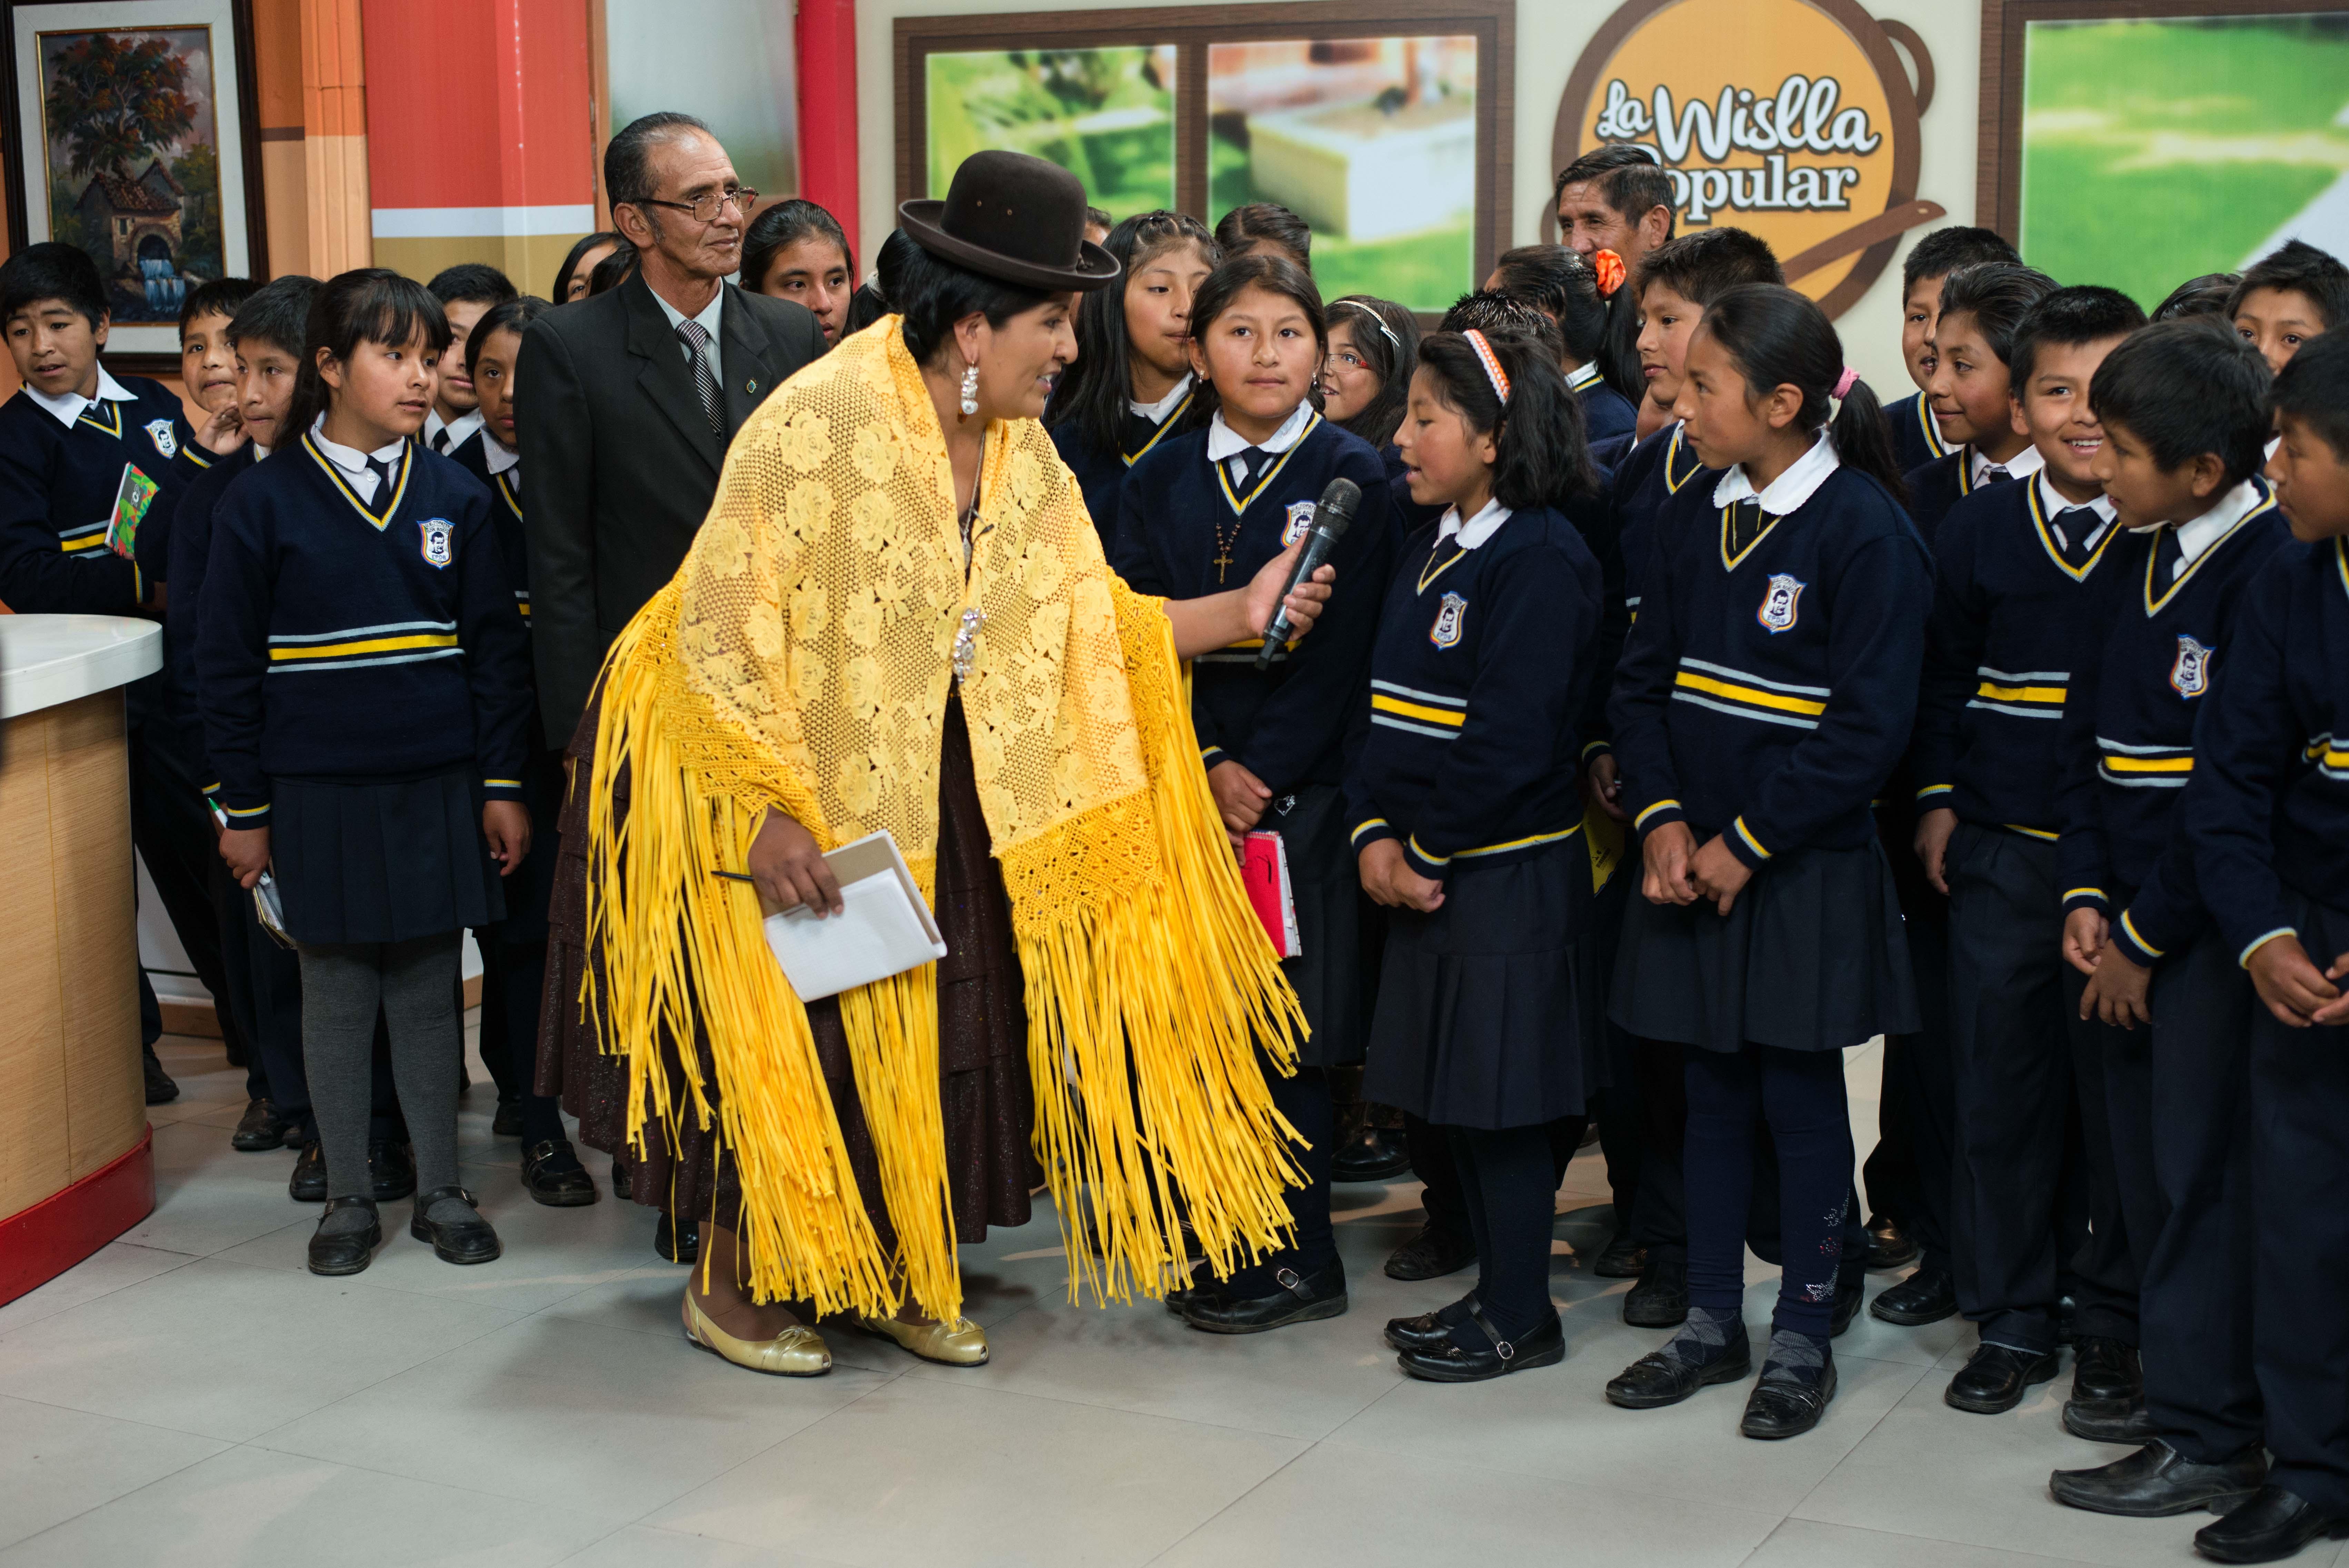 Ines Quispe interroge une jeune élève d'une école publique locale venue participer à l'émission La Wislla Popular, le 22 mars 2016 sur le plateau de RTP, La Paz, Bolivie